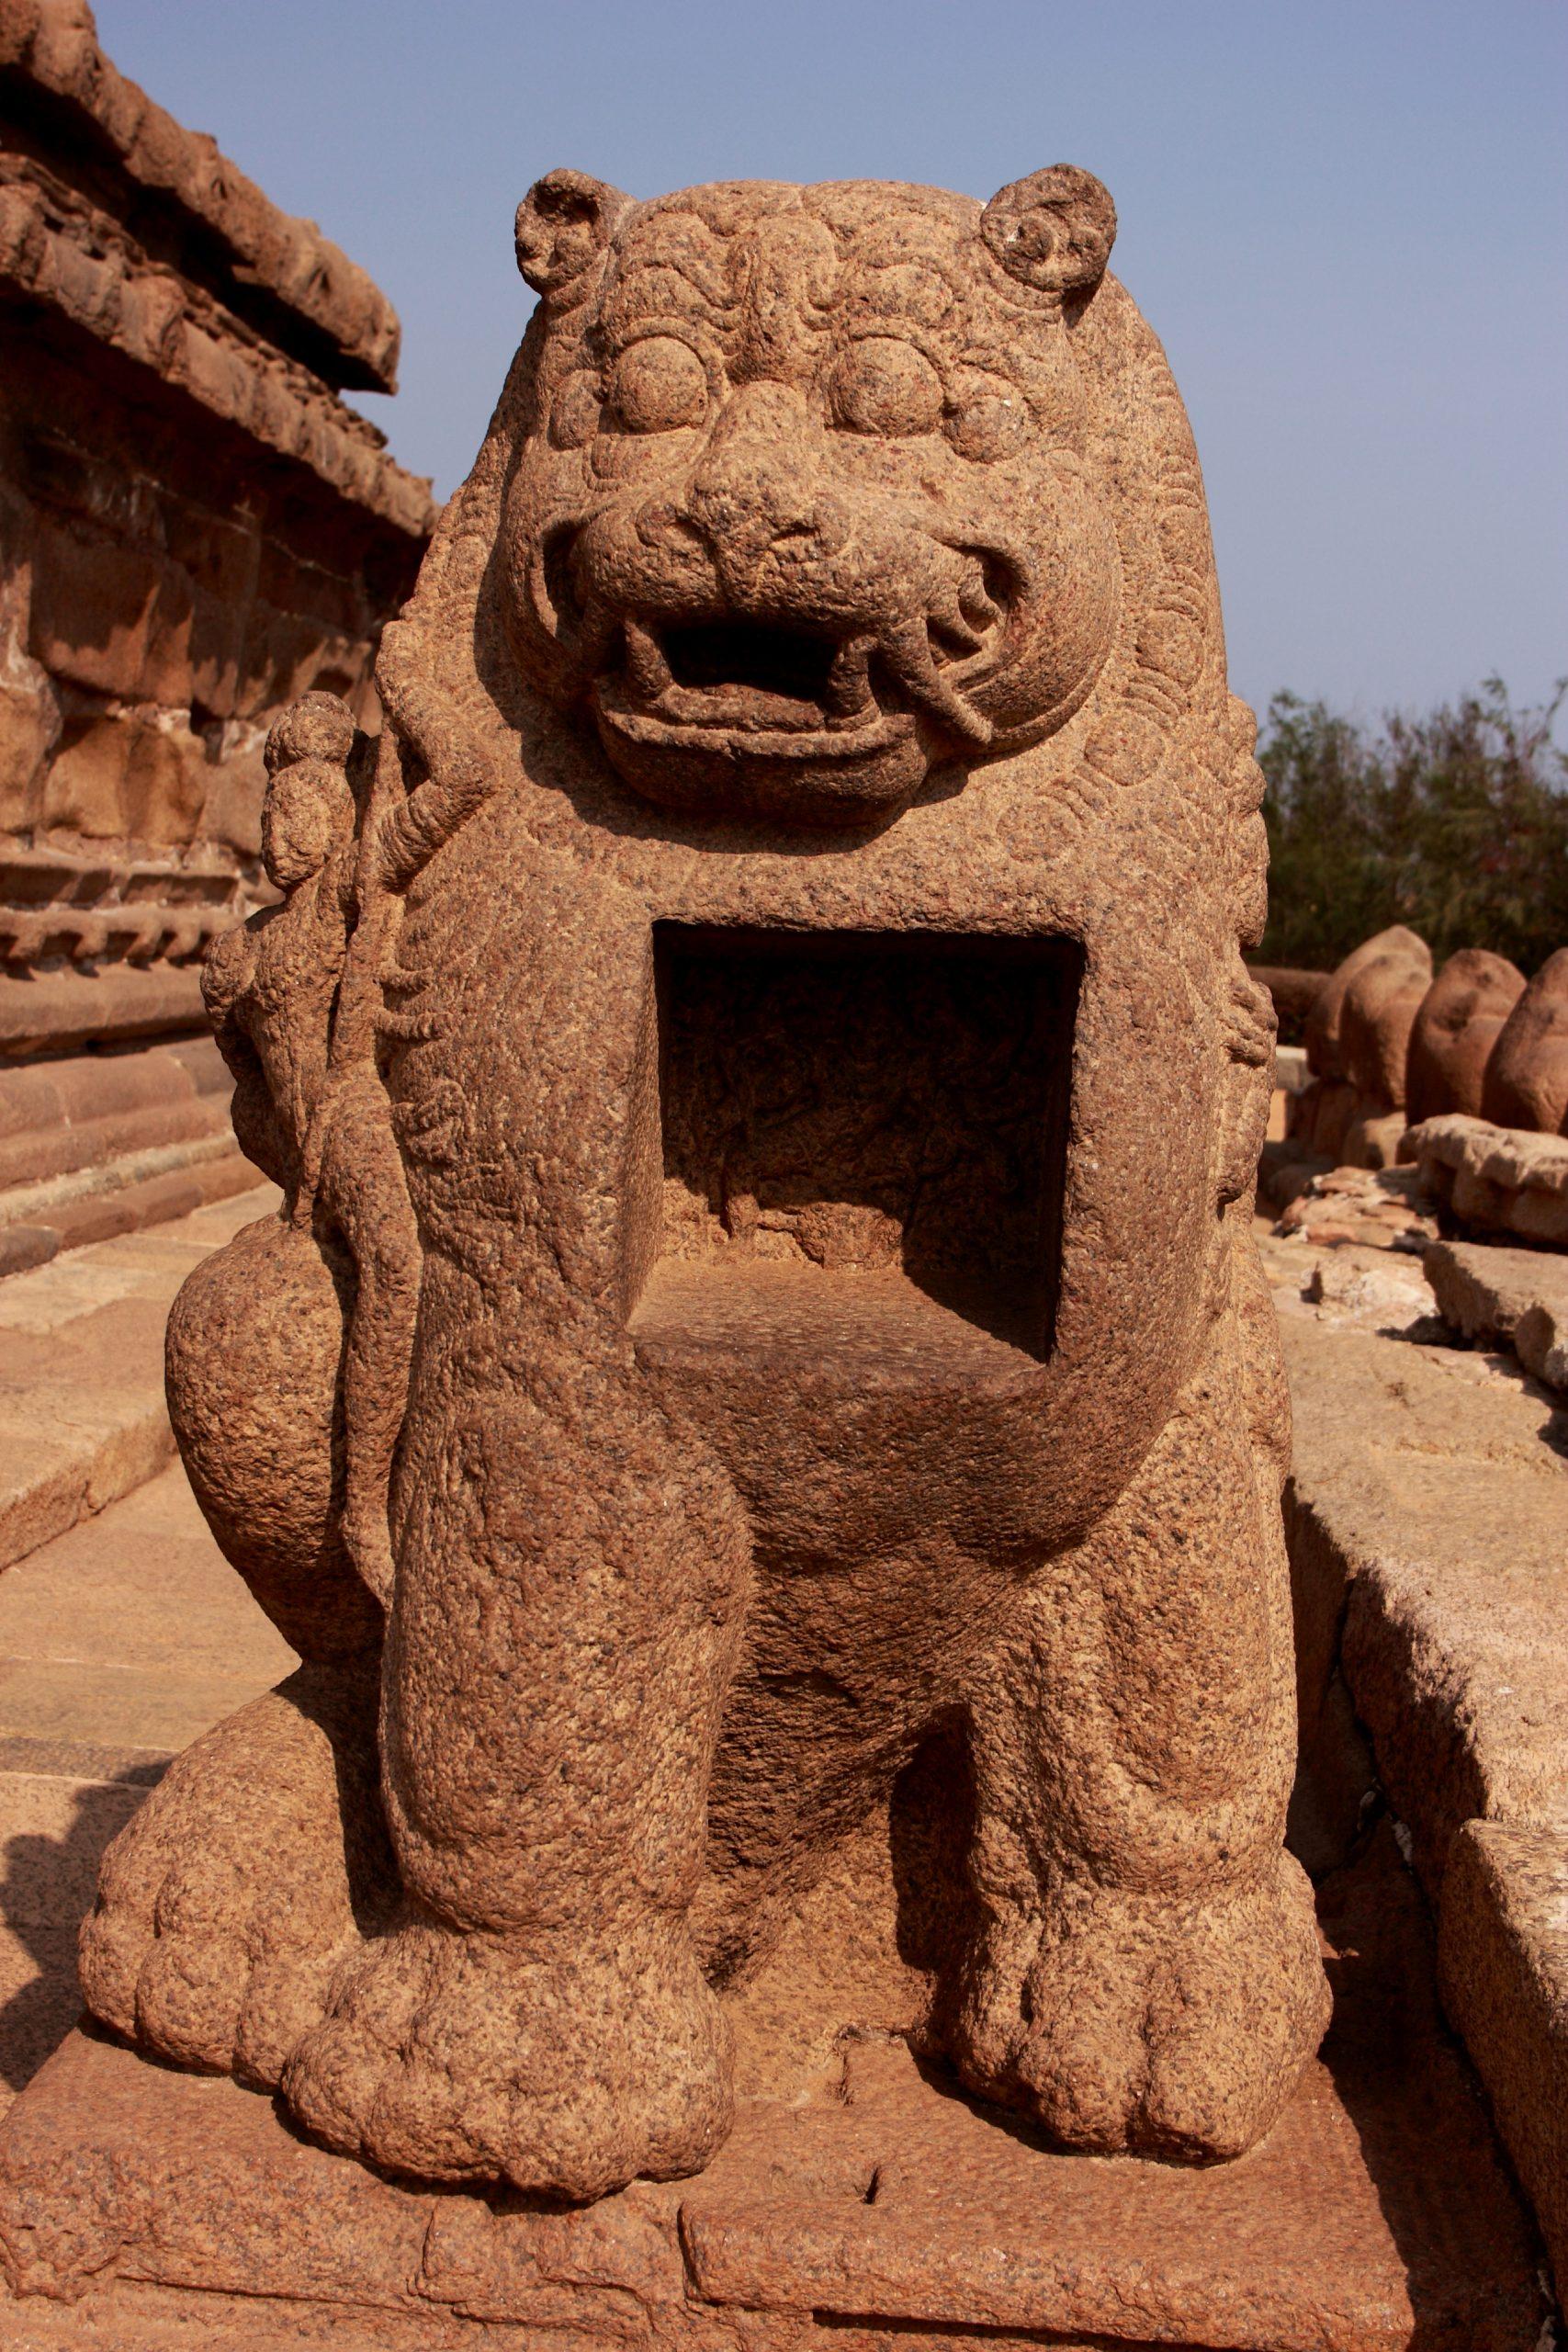 The Lion of Mahabalipuram